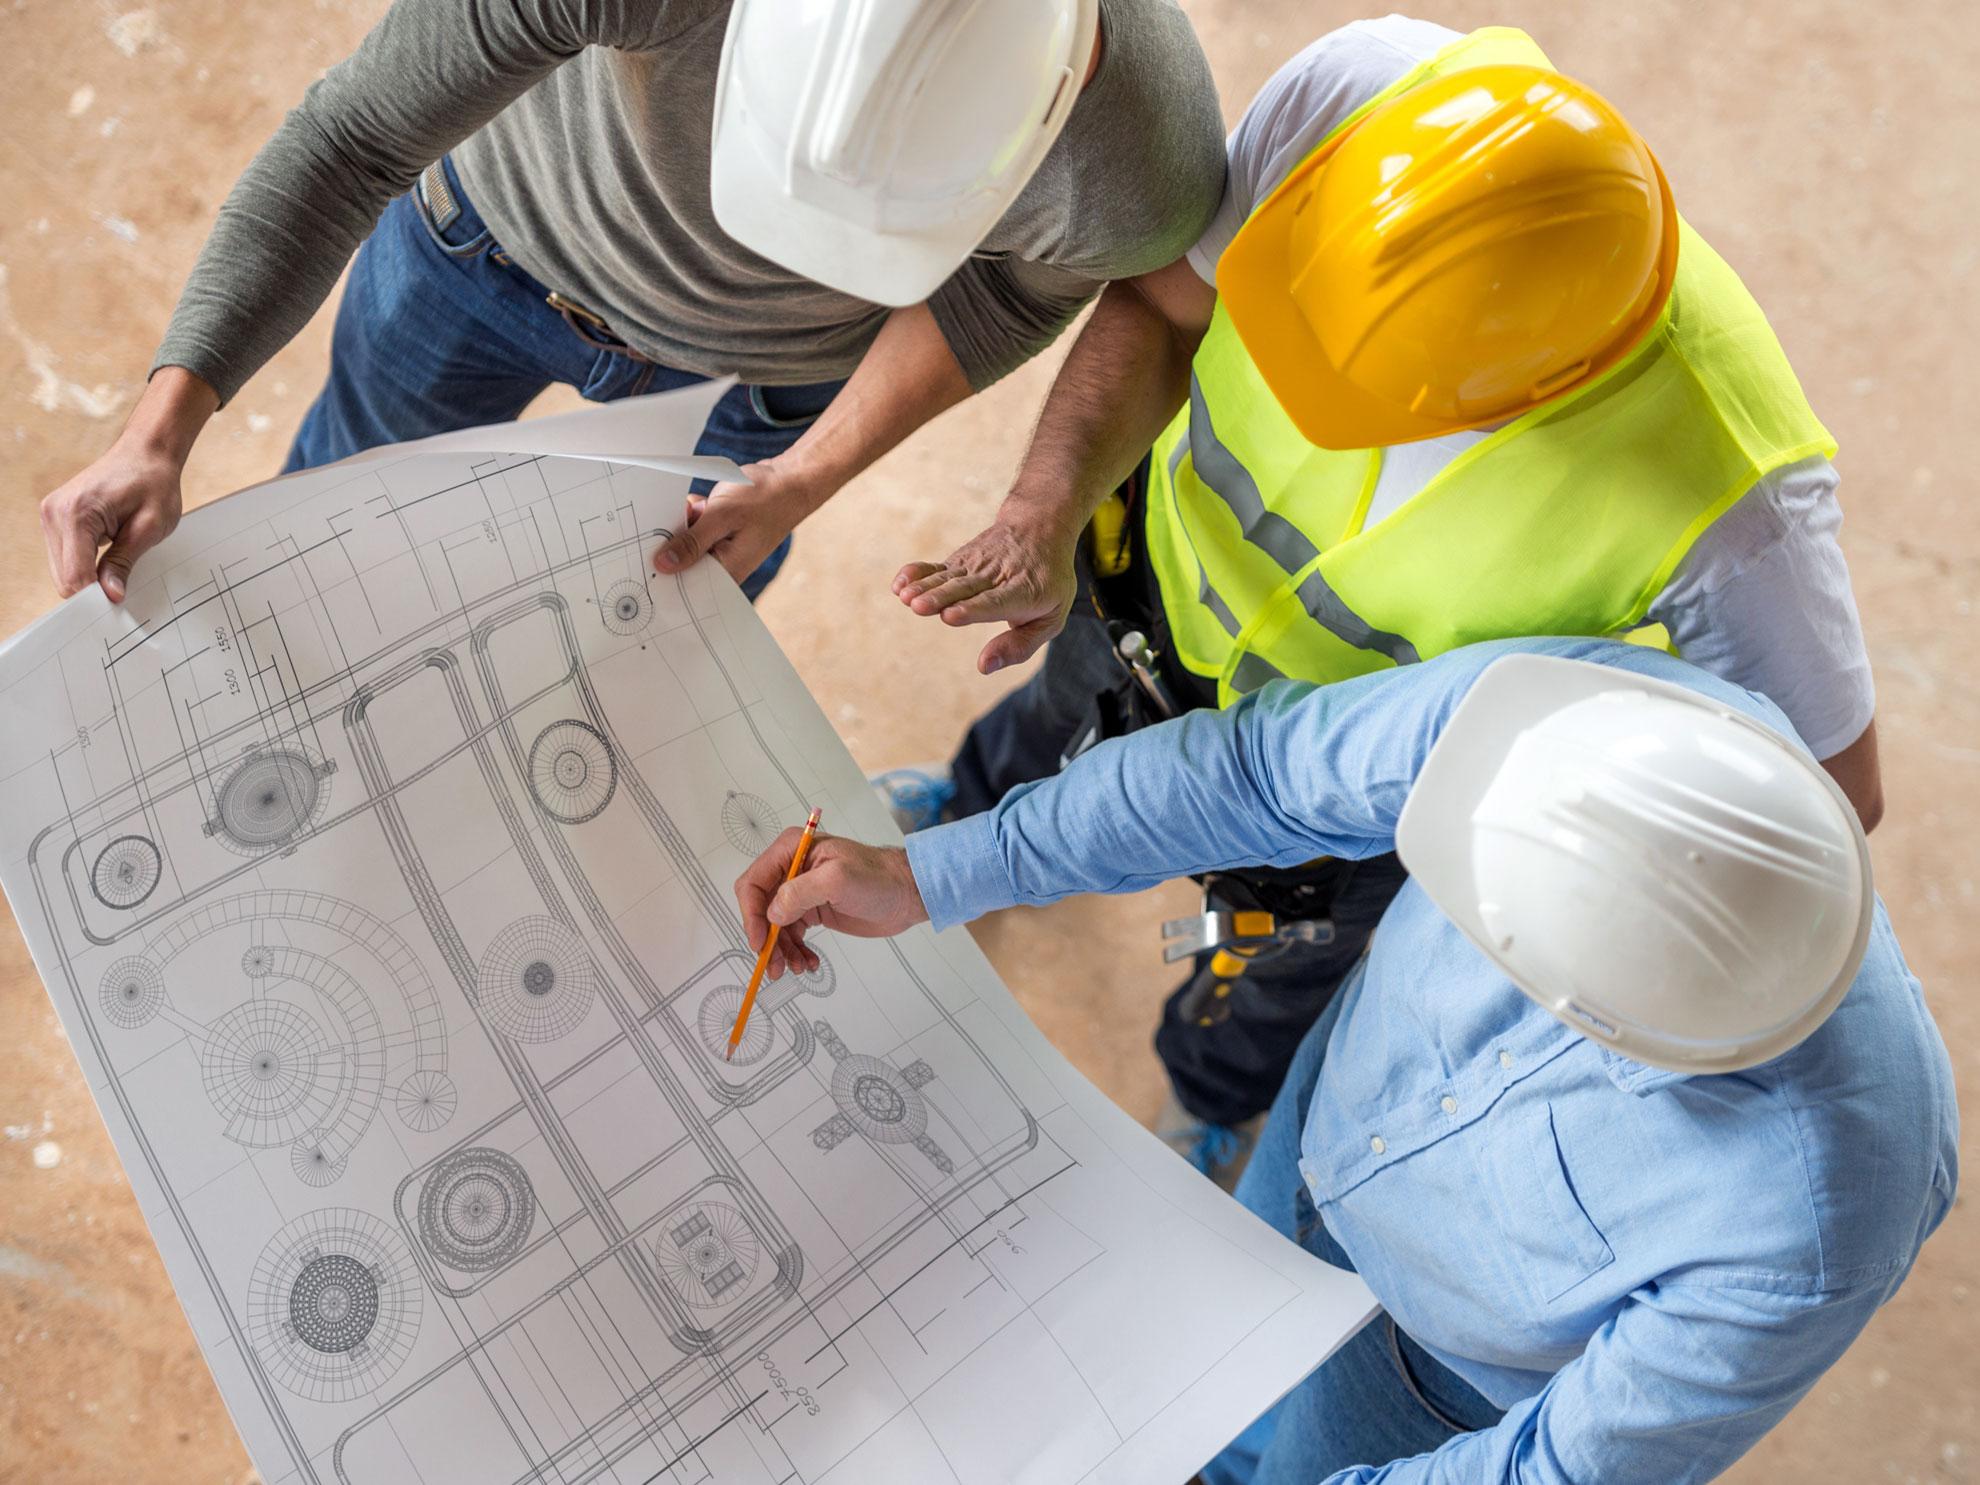 operai-sicurezza-cantieri